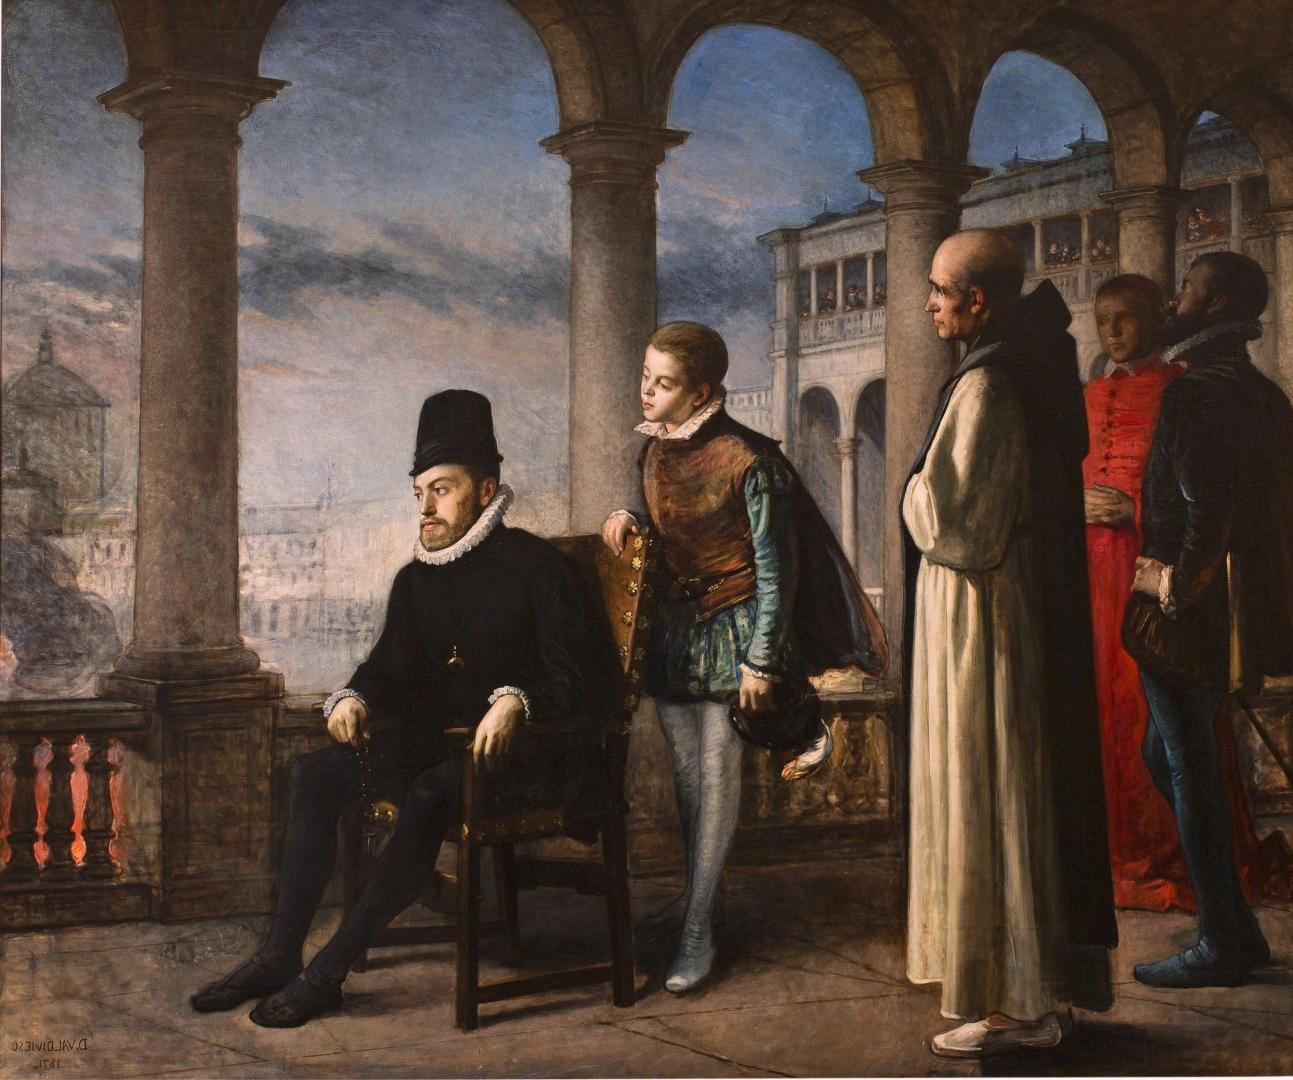 Доминго Хенареджос. Филпп II. Декларация веры. 1871